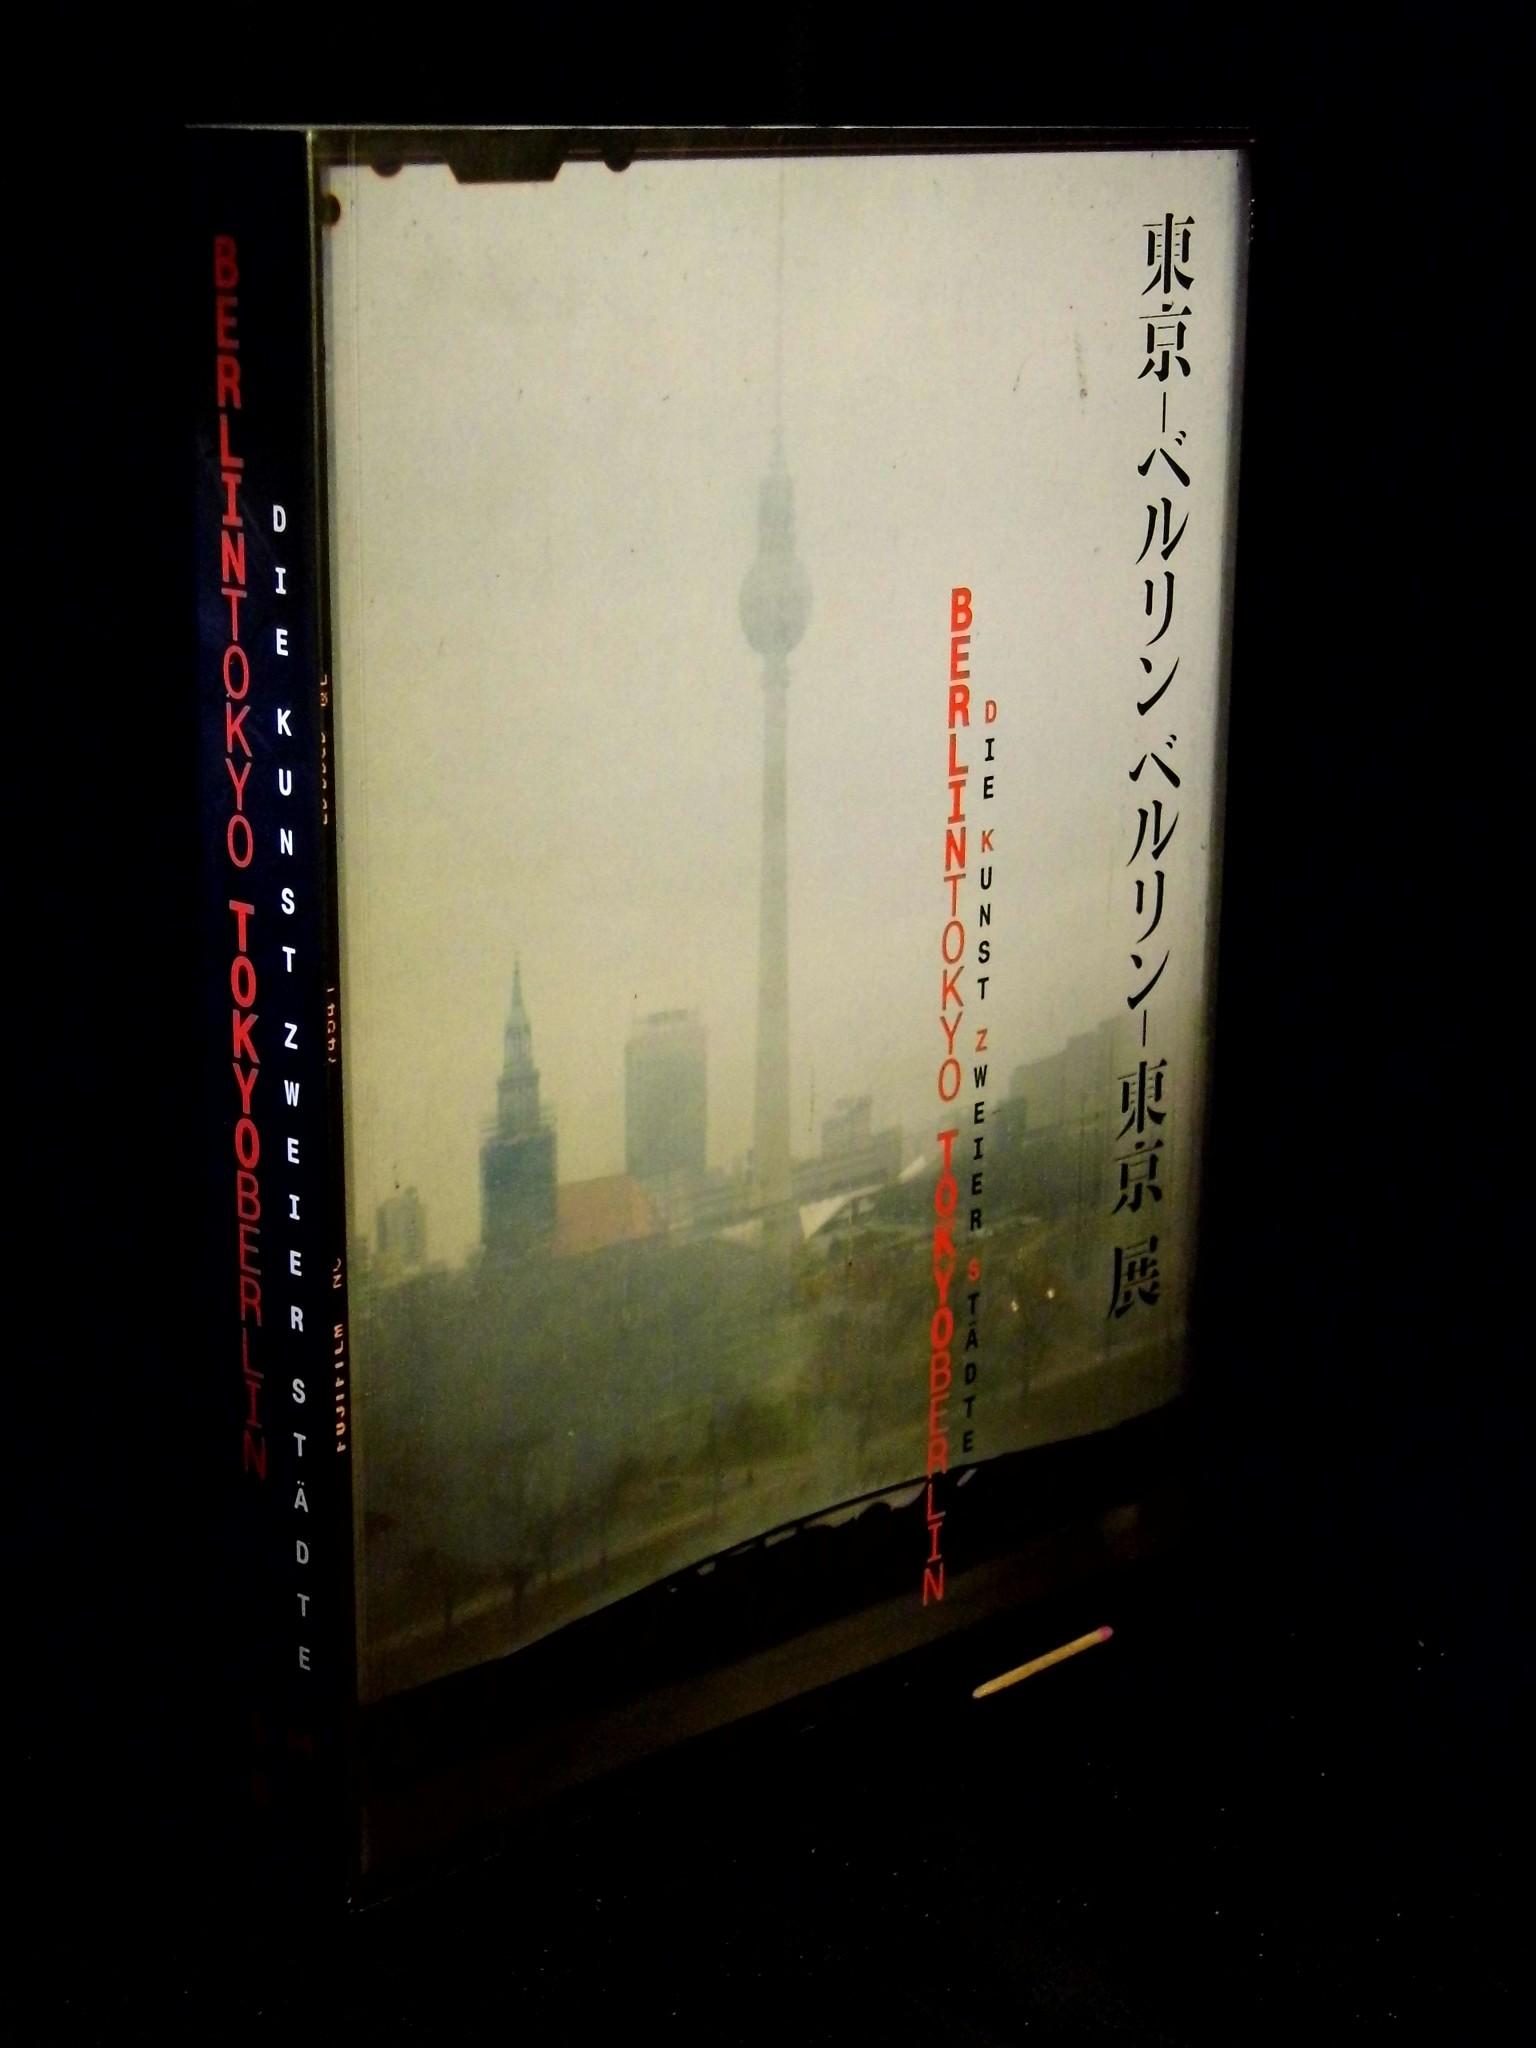 Tokyo Tokyo Berlin Kunst zweier Städte - Schneider Knapstein Elliot Kataoka